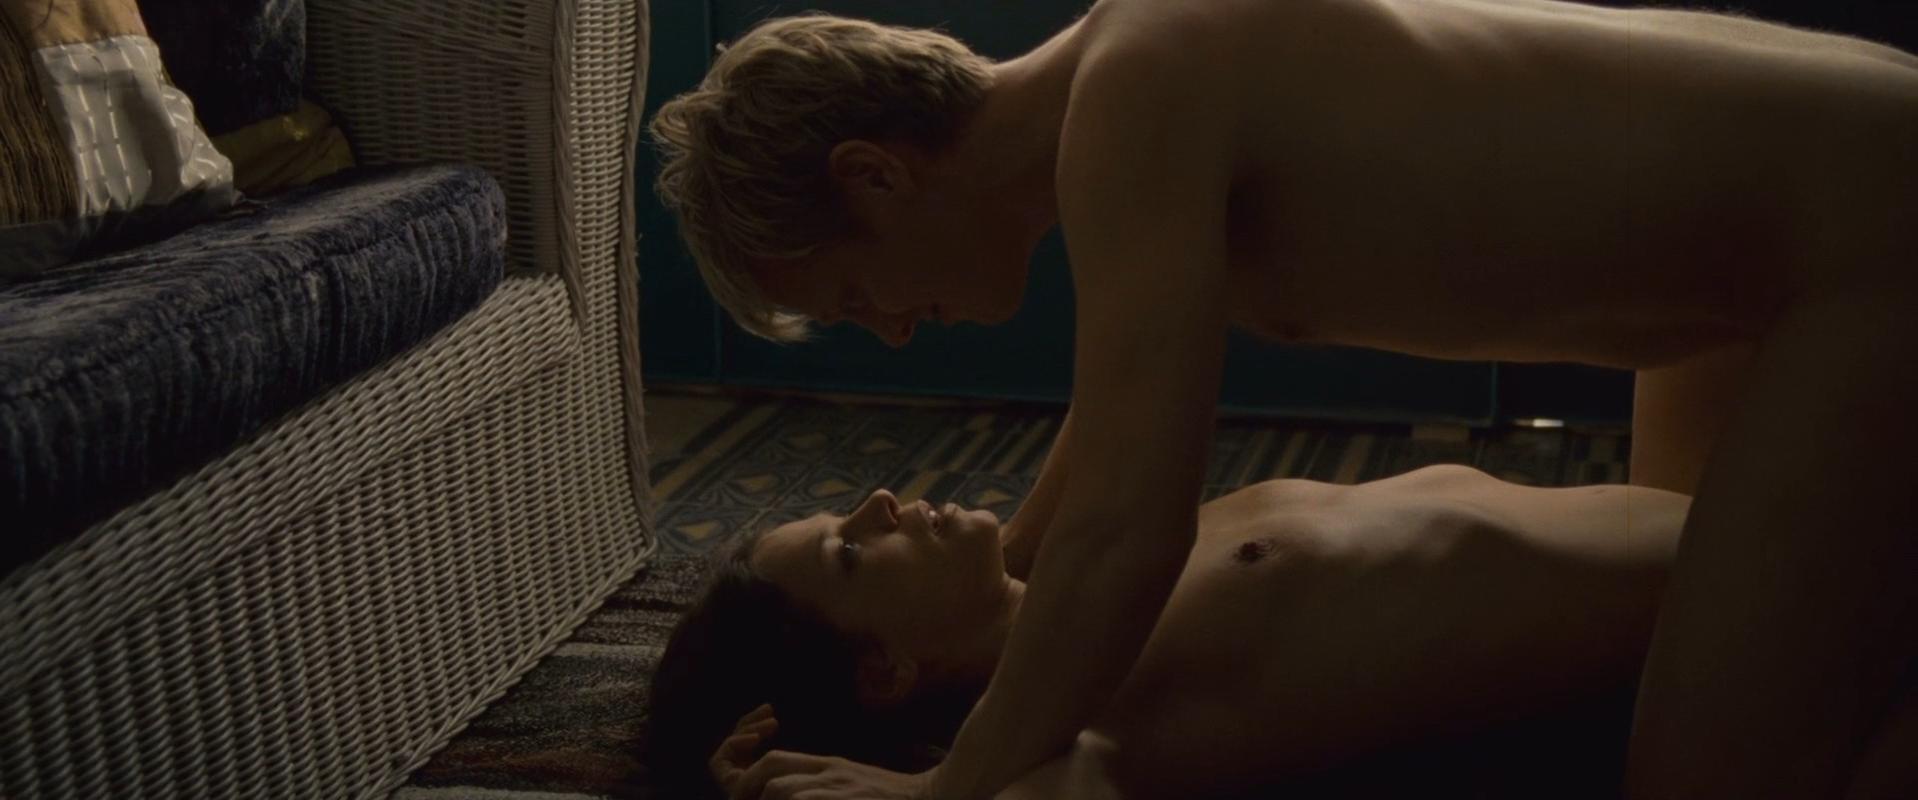 sex scene of jessica